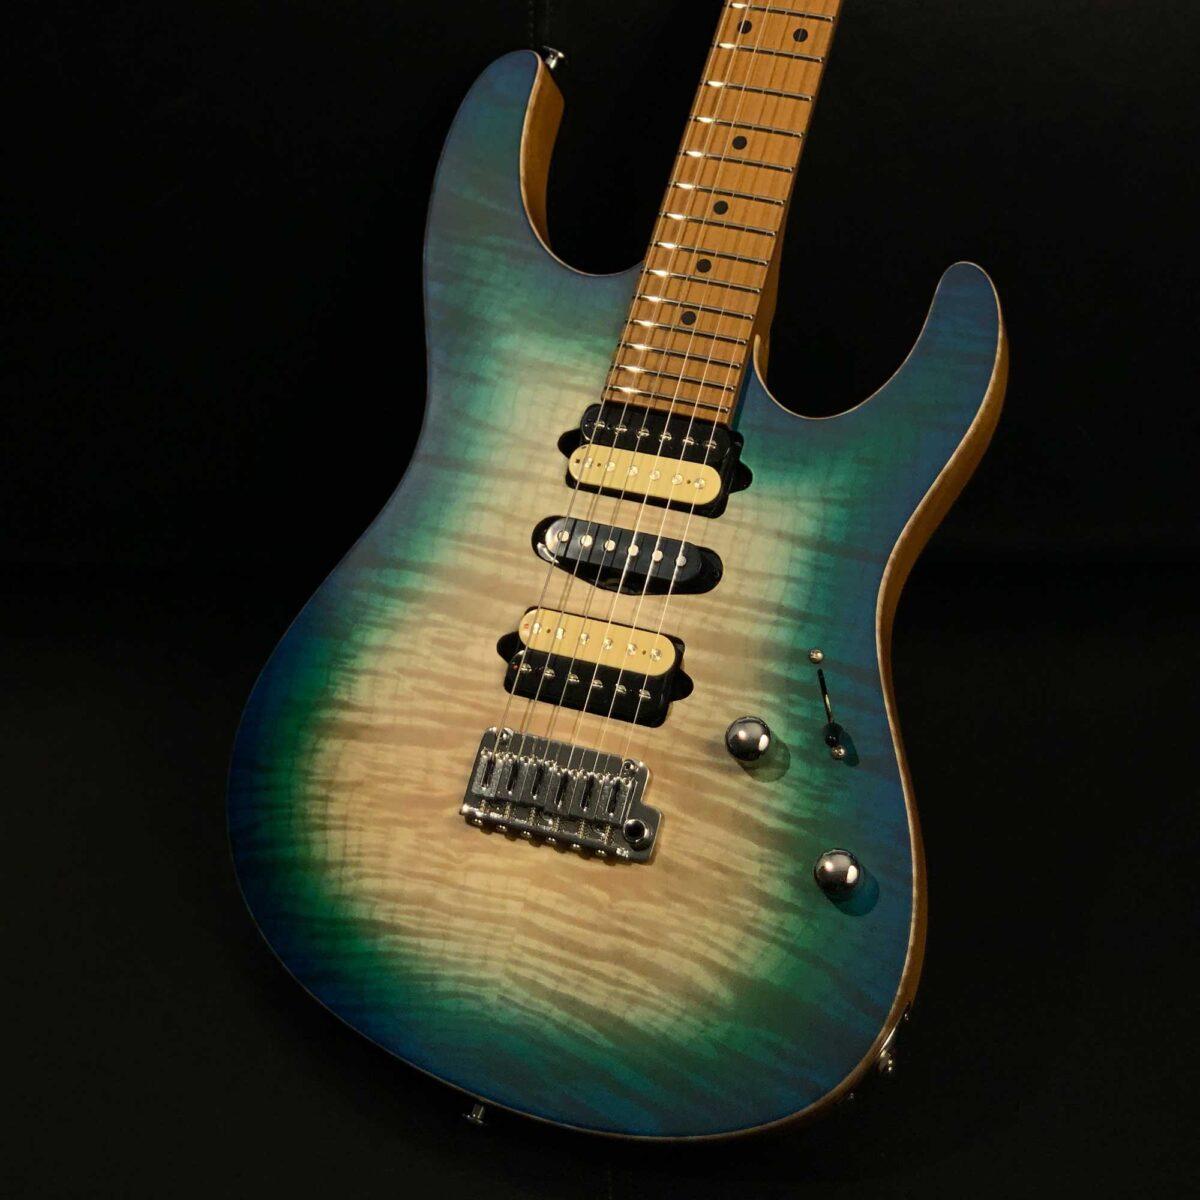 גיטרה חשמלית Suhr Modern Satin Flame Limited Edition 2020, Island Burst